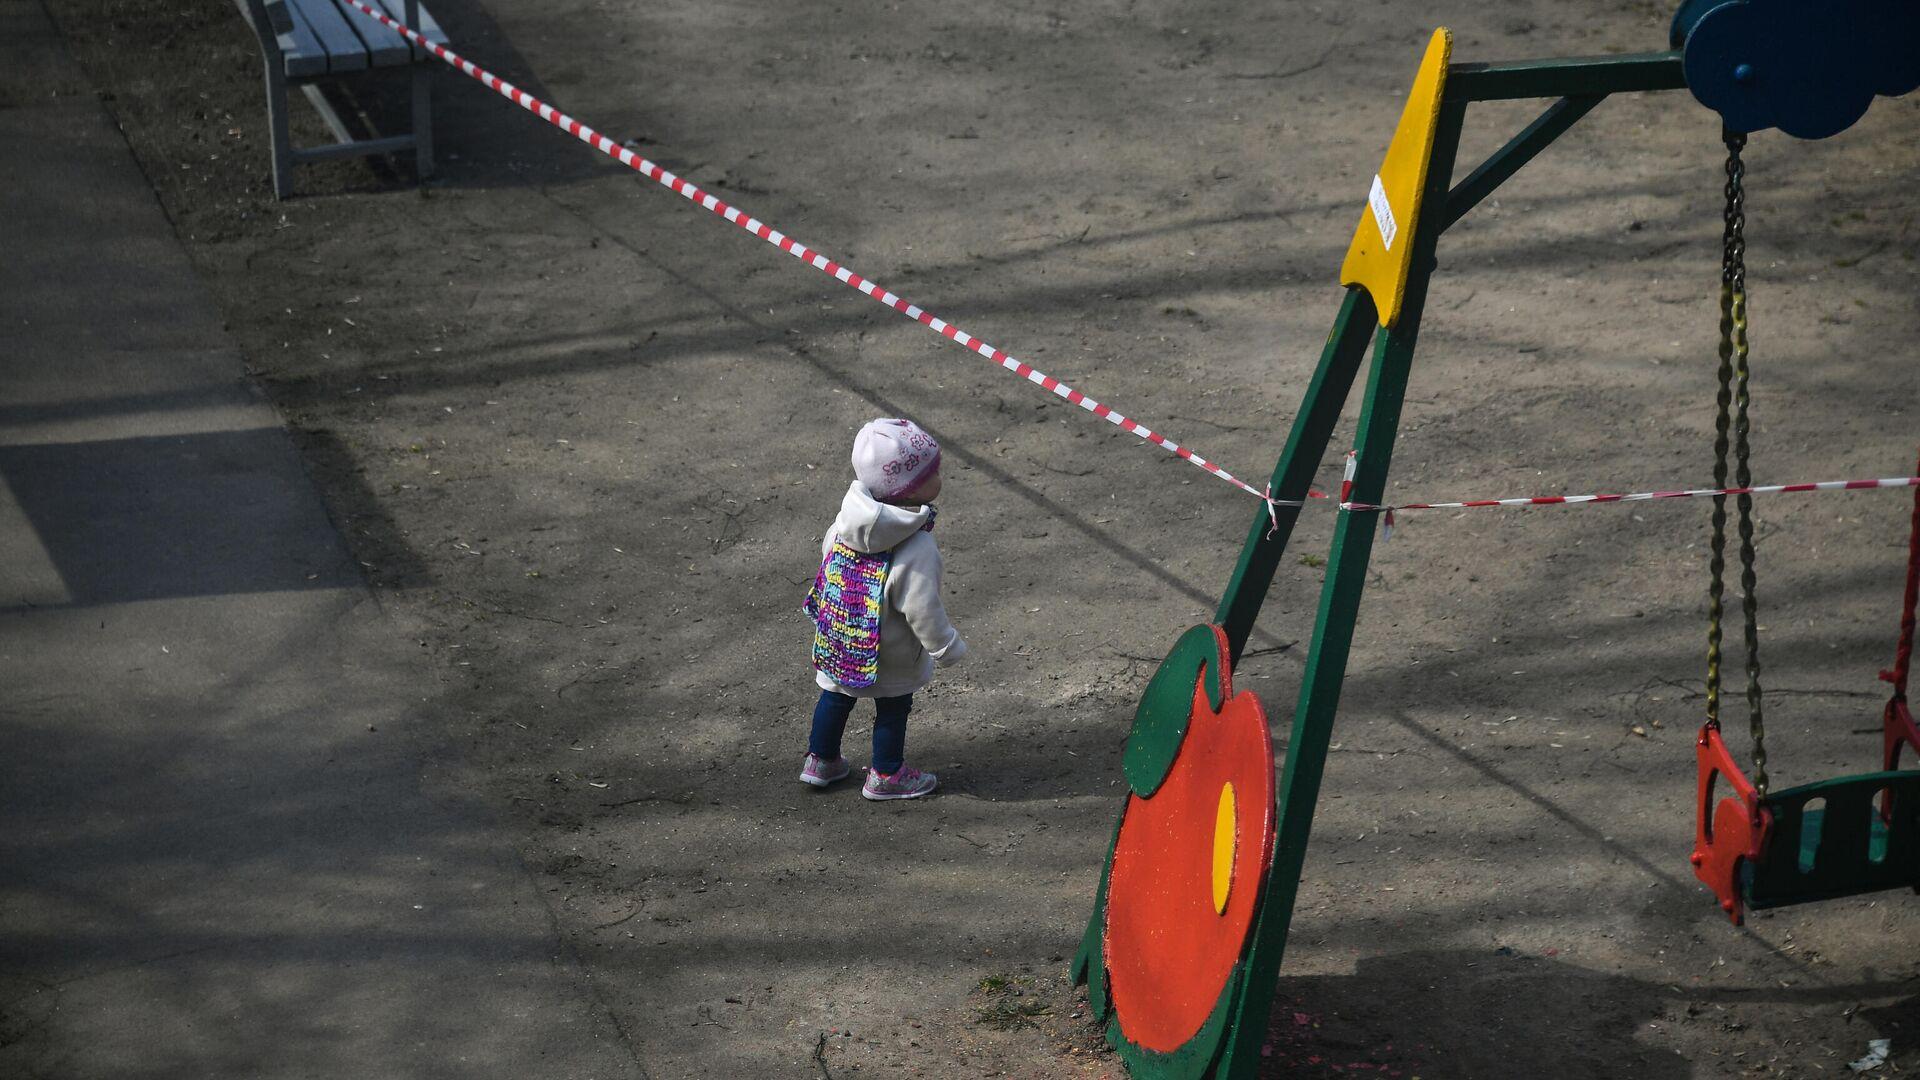 Ребенок на детской площадке во дворе на одной из улиц в Москве - РИА Новости, 1920, 04.01.2021